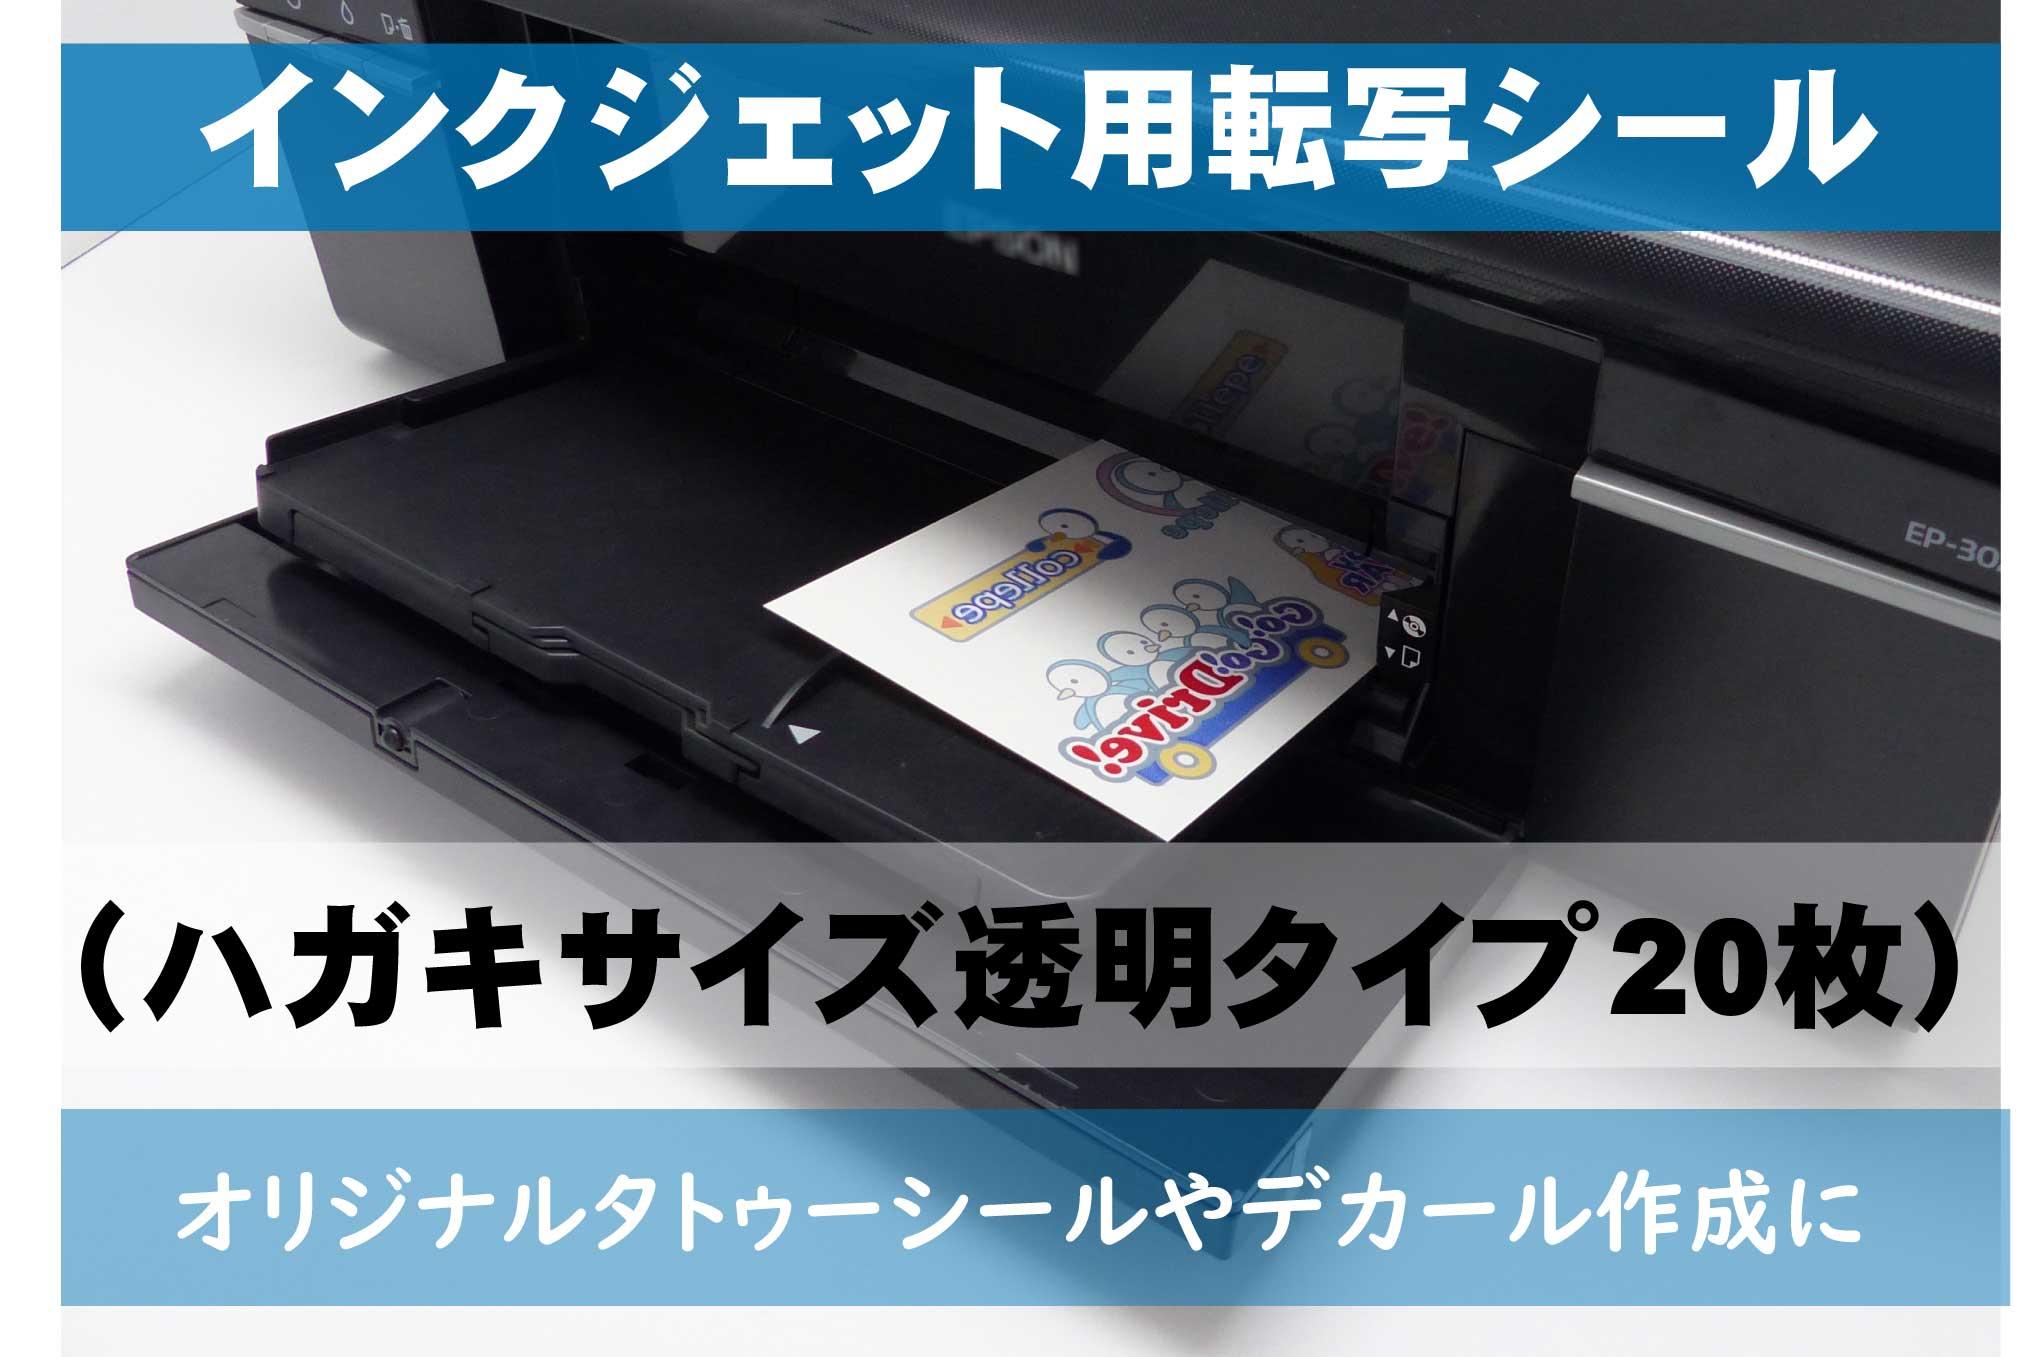 インクジェット用転写シール 商品 ハガキサイズ透明 20枚 お得セット